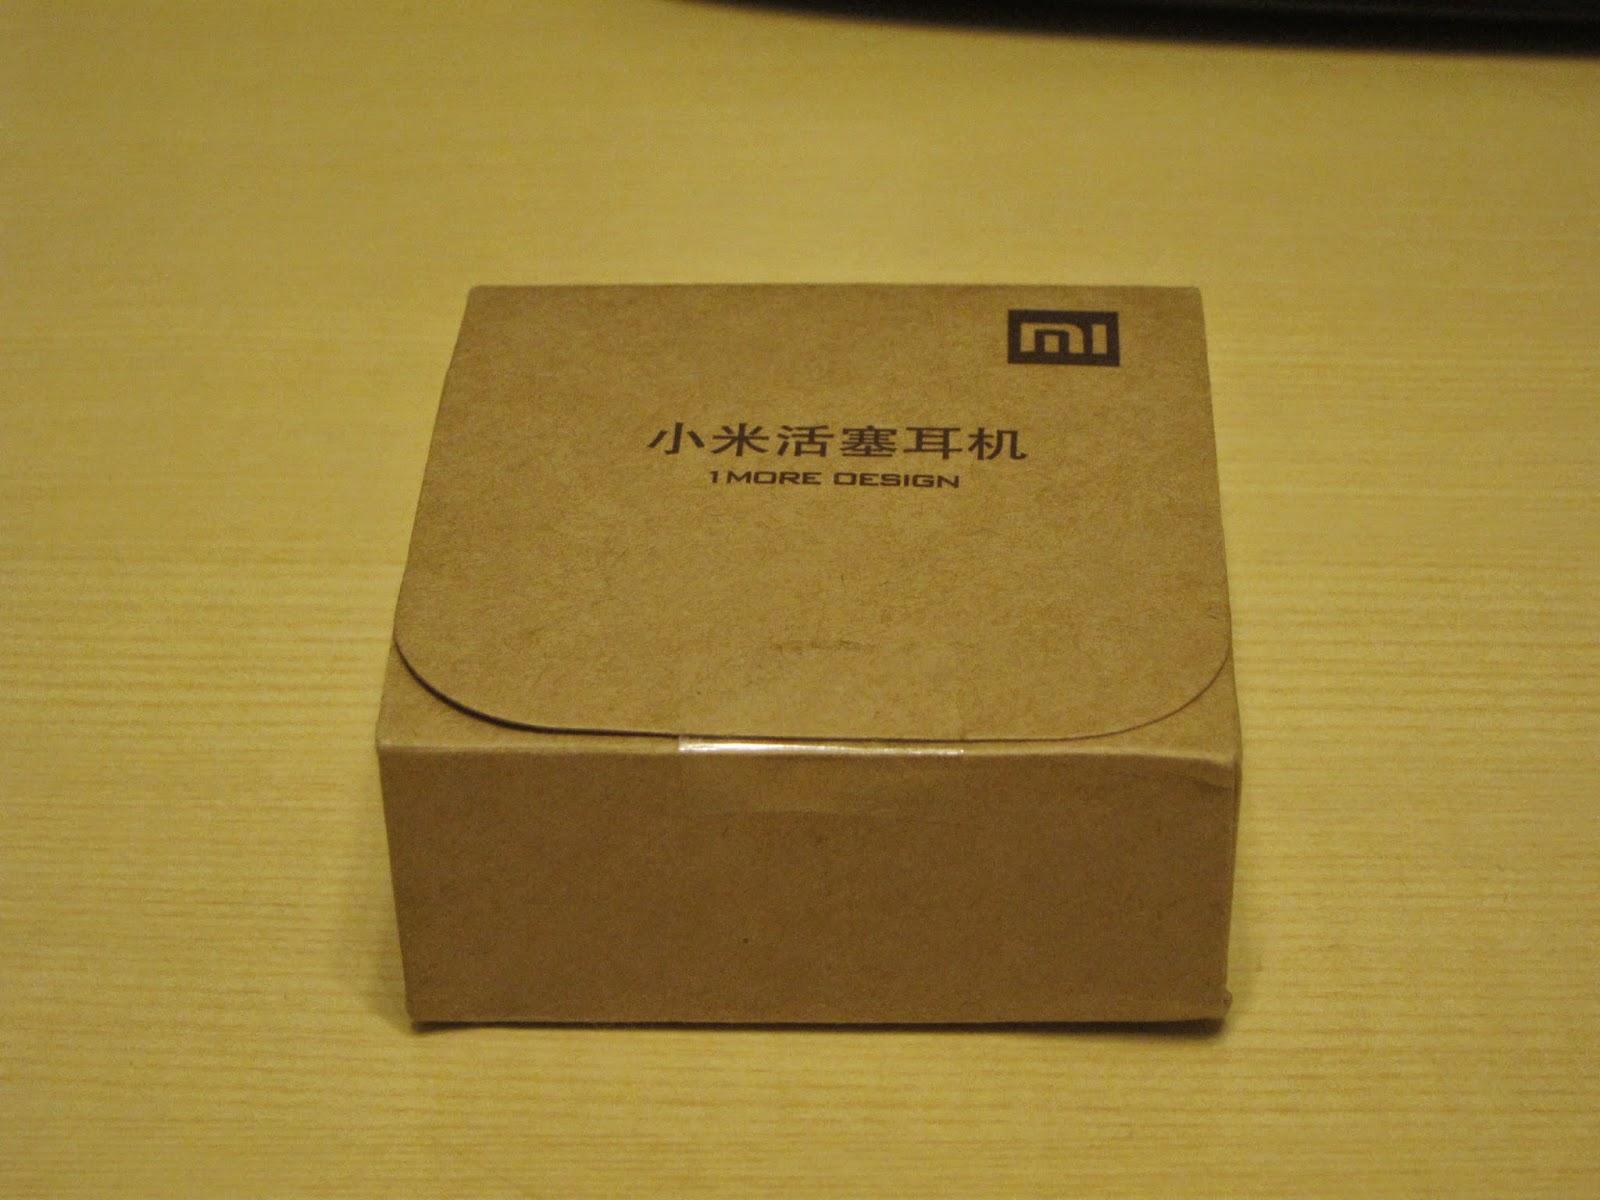 IMG 2289 - [開箱] 聽歌神器?新小米活塞耳機 $495 入手!